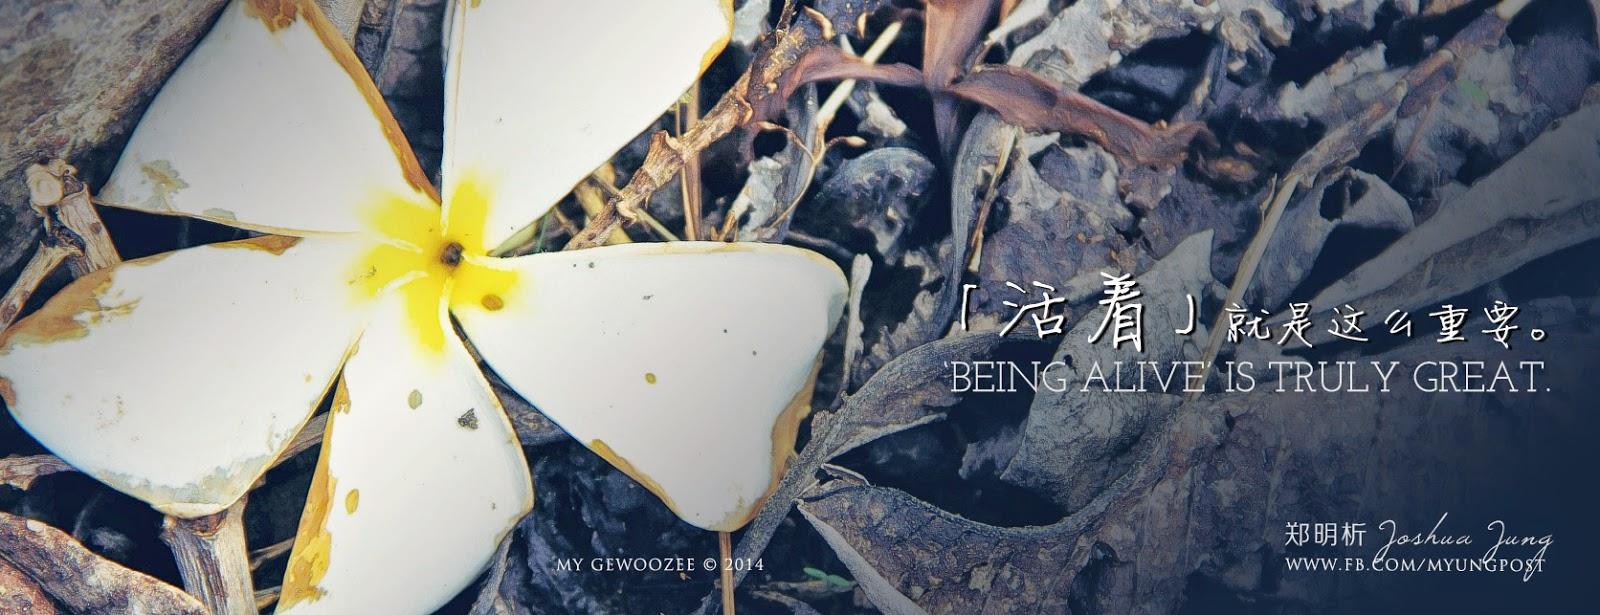 郑明析,摄理,月明洞,活着,Joshua Jung, Providence, Wolmyeong Dong, Alive